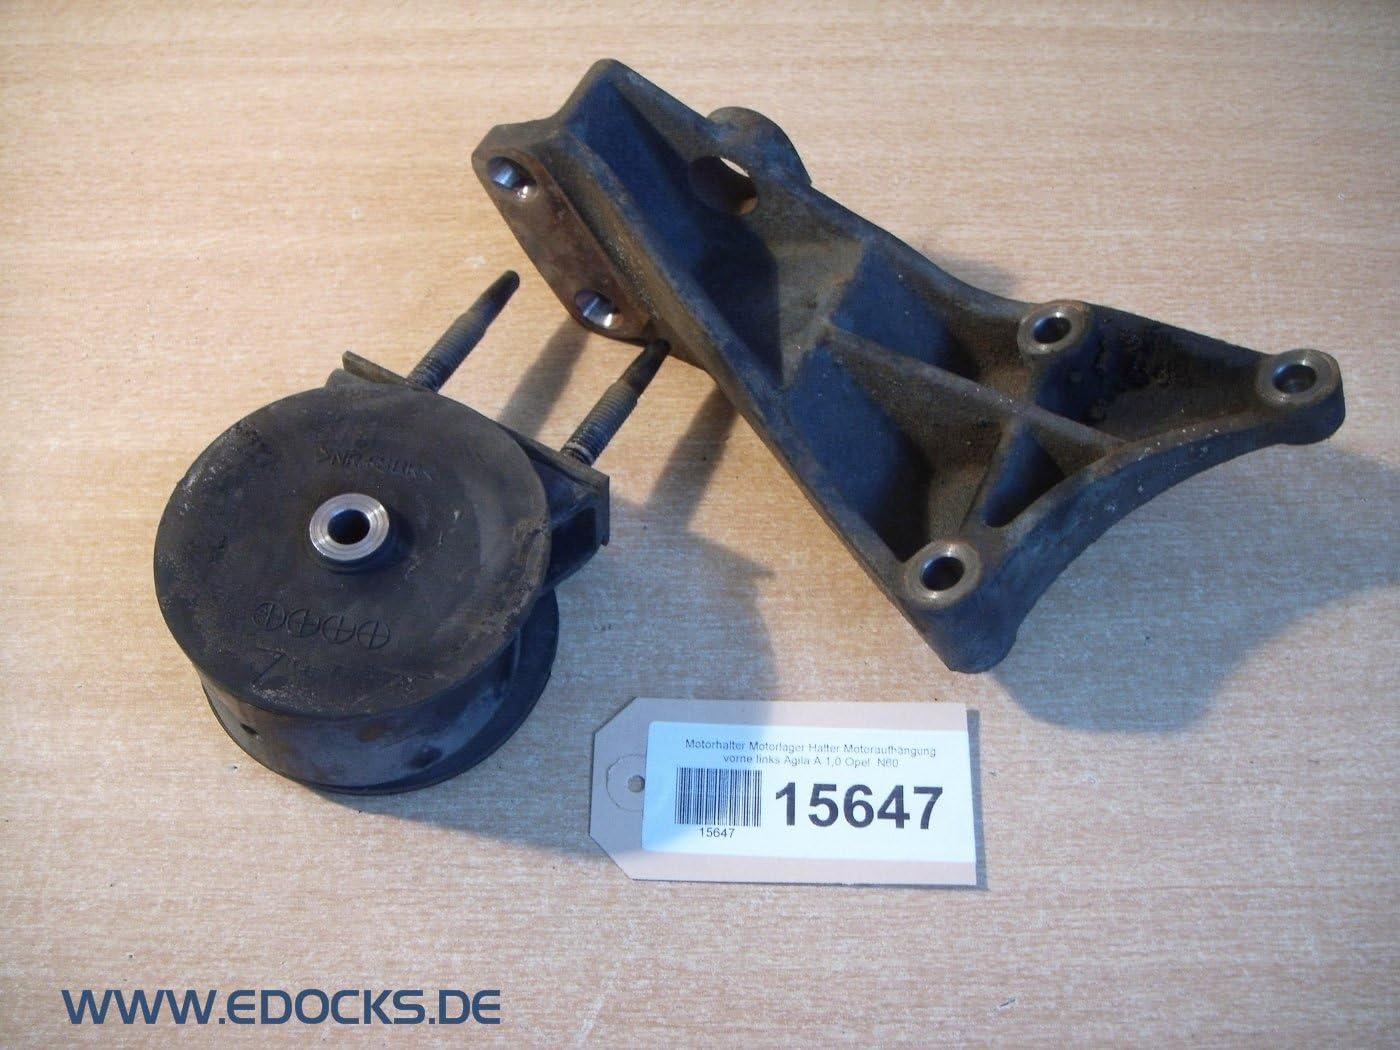 Motorhalter Motorlager Halter Motoraufhängung Vorne Links Agila A 1 0 Opel Auto